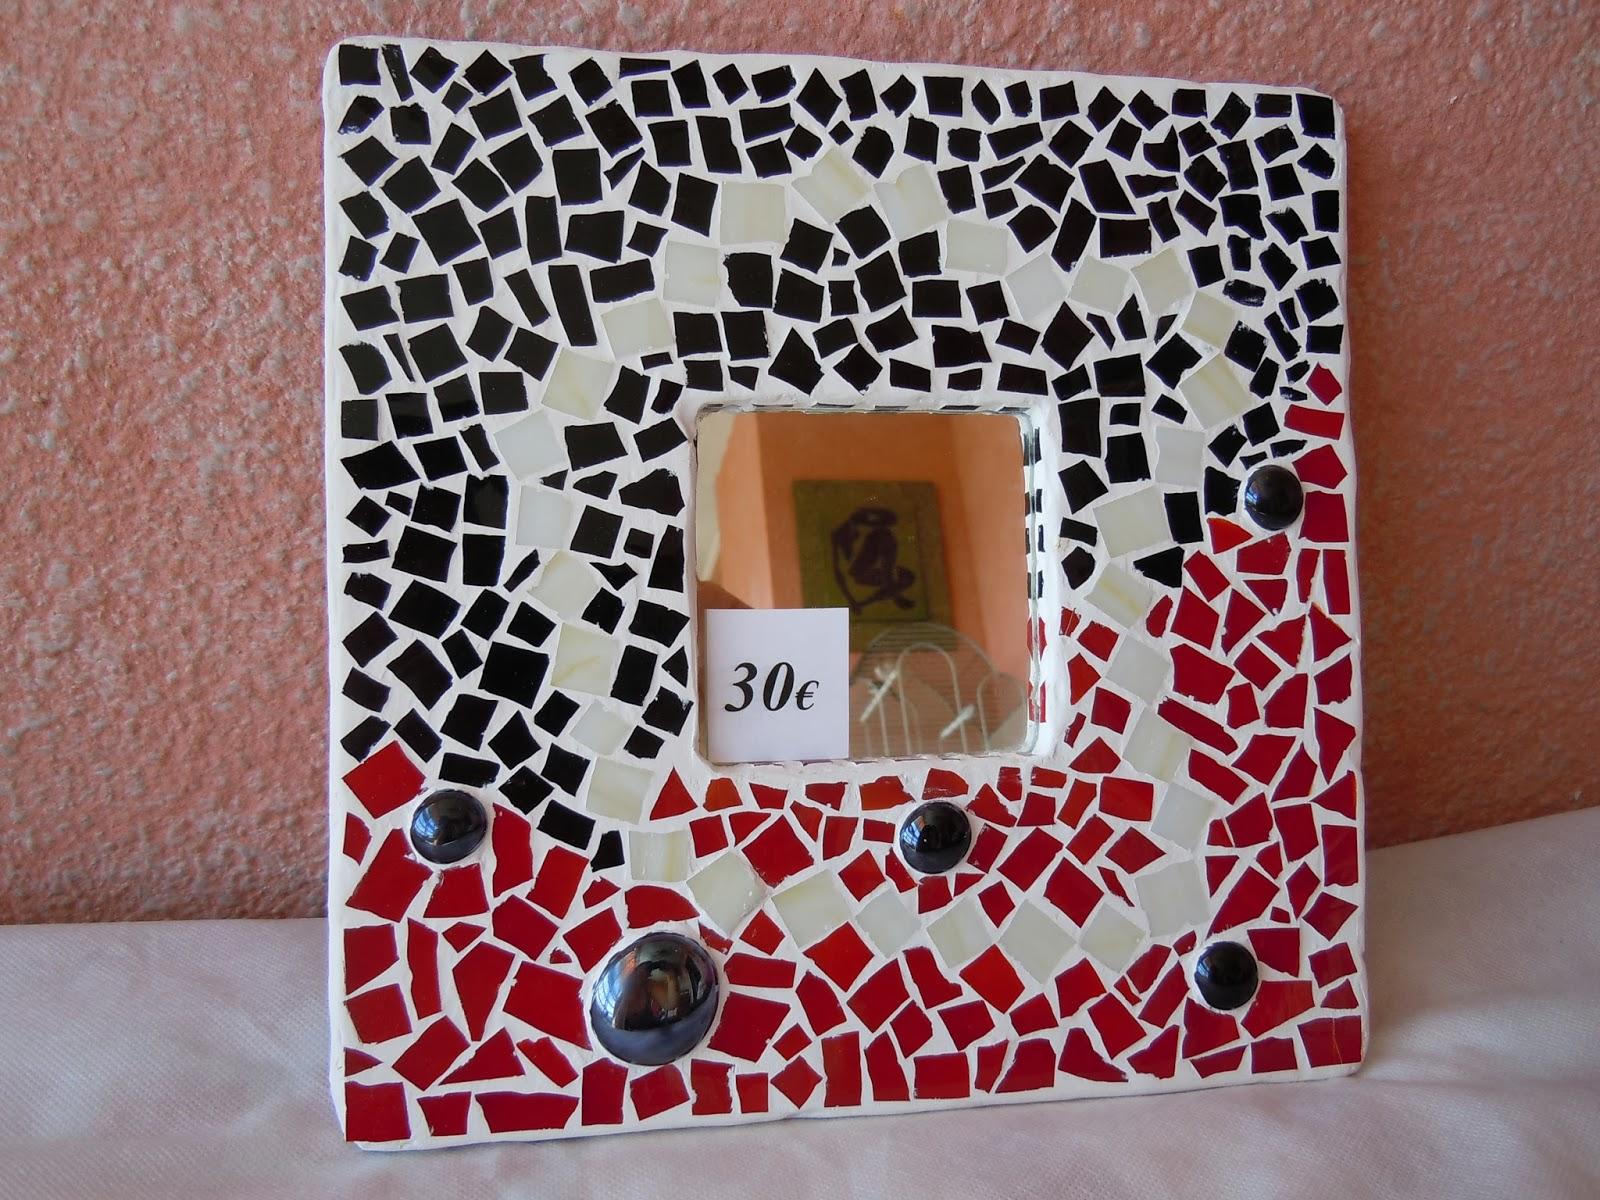 Caroli Jabones: Marcos, malmas, mosaicos y cuadros